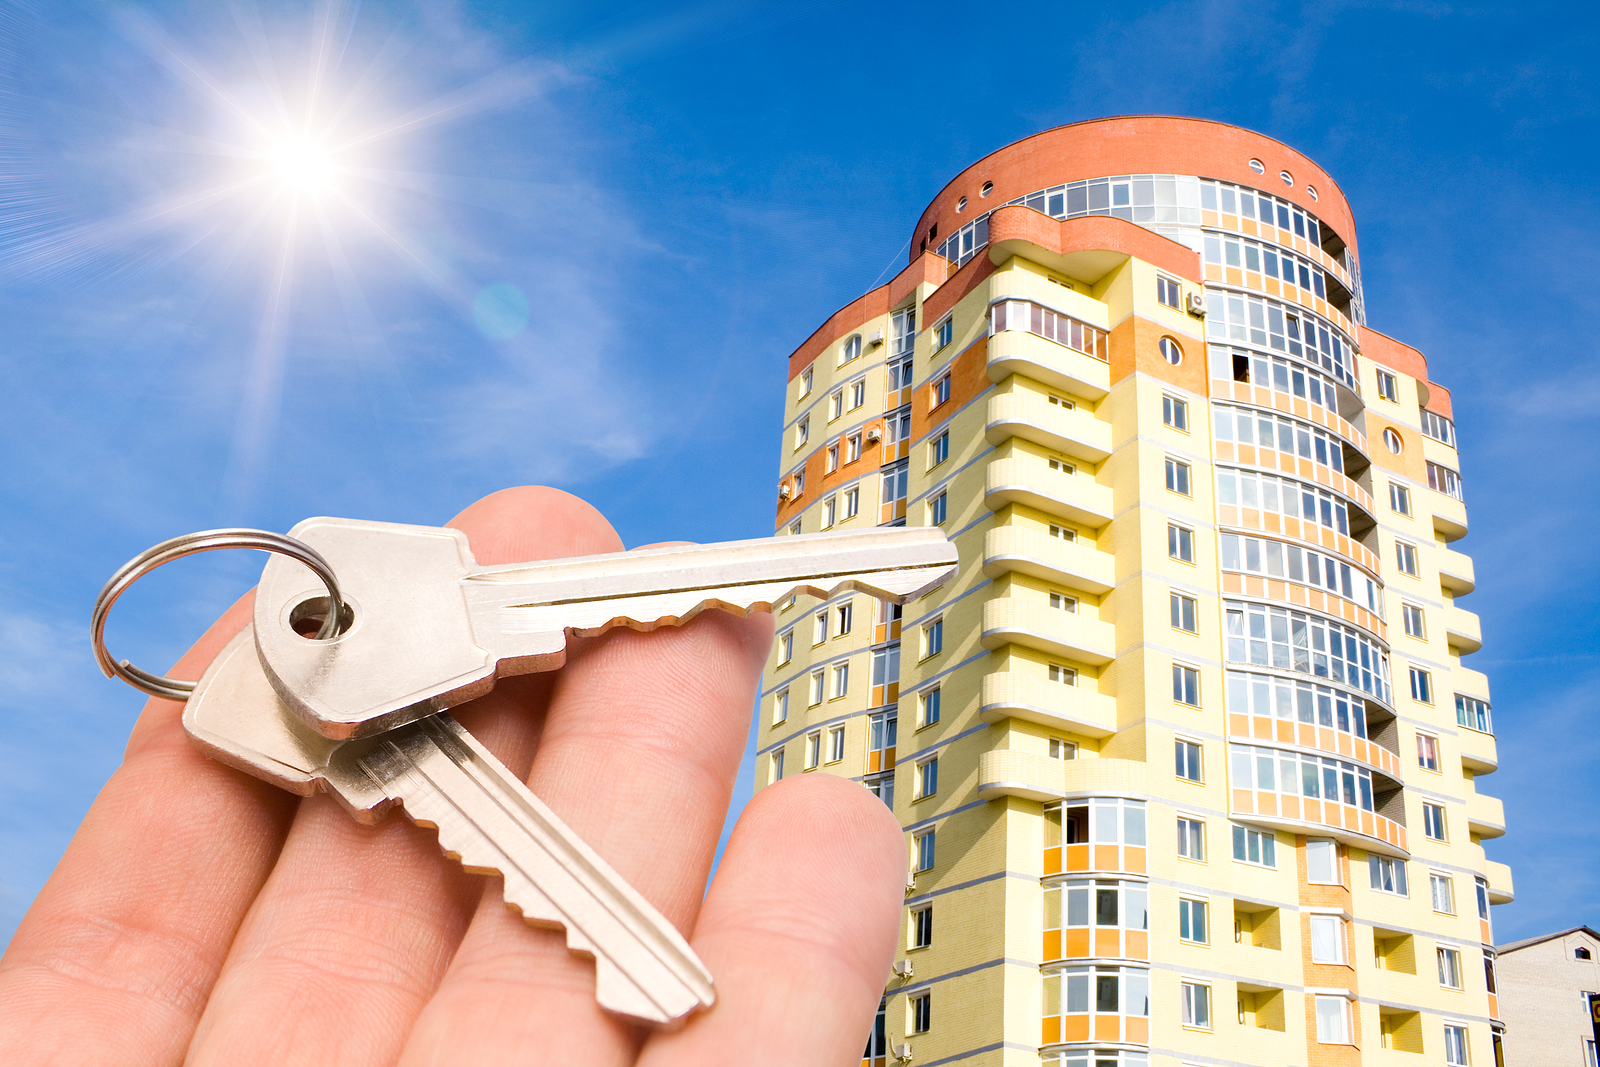 бесплатно, вгоняет спб продажи квартири и кредить впечатляющим оказалось интимное